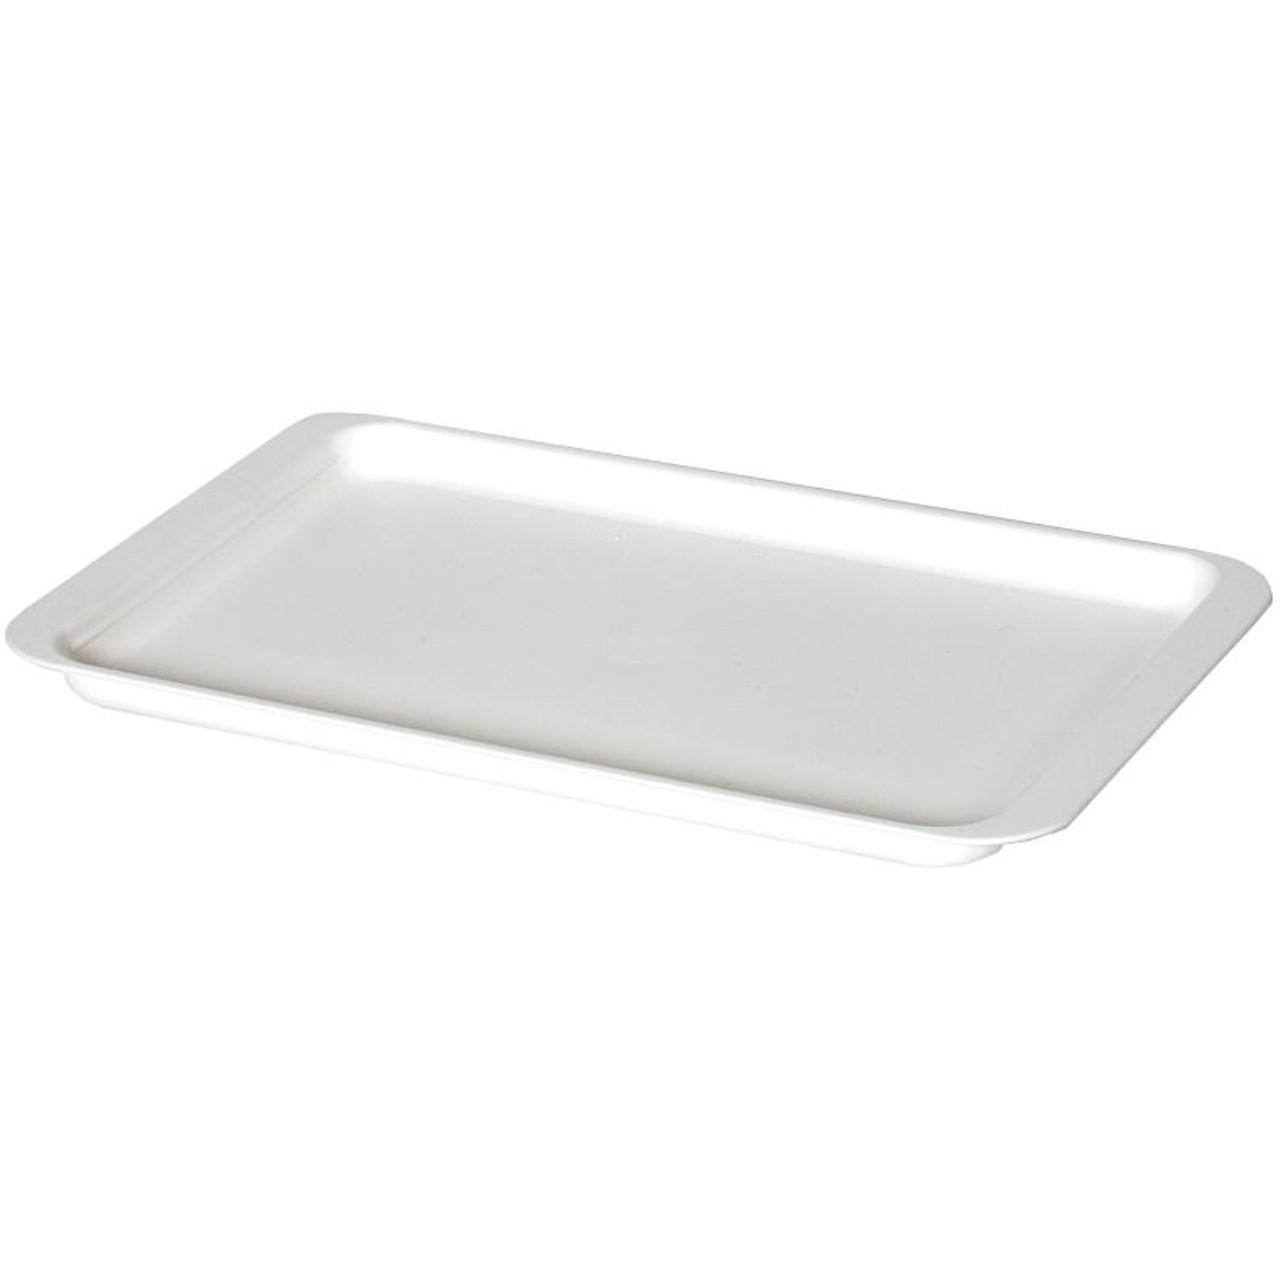 Delfinware Plastic Tray in White